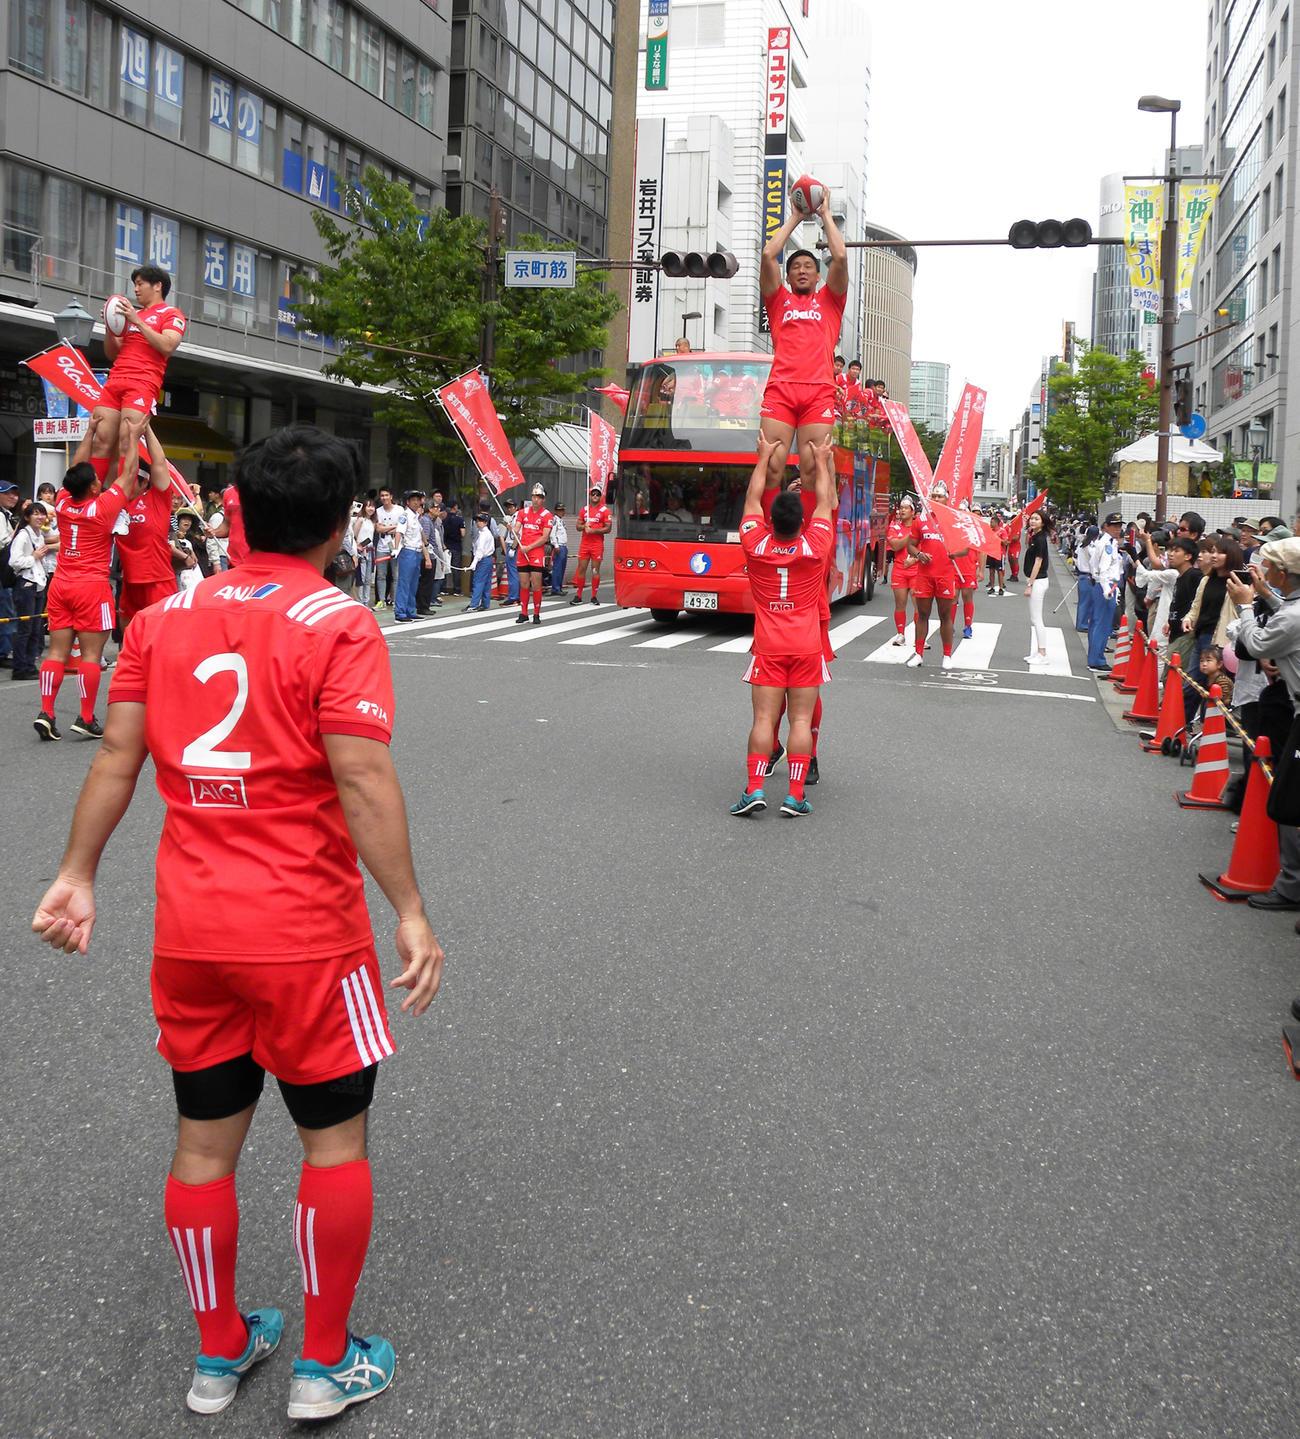 神戸まつりのパレード中にラインアウトを披露する神戸製鋼の選手たち(撮影・松本航)